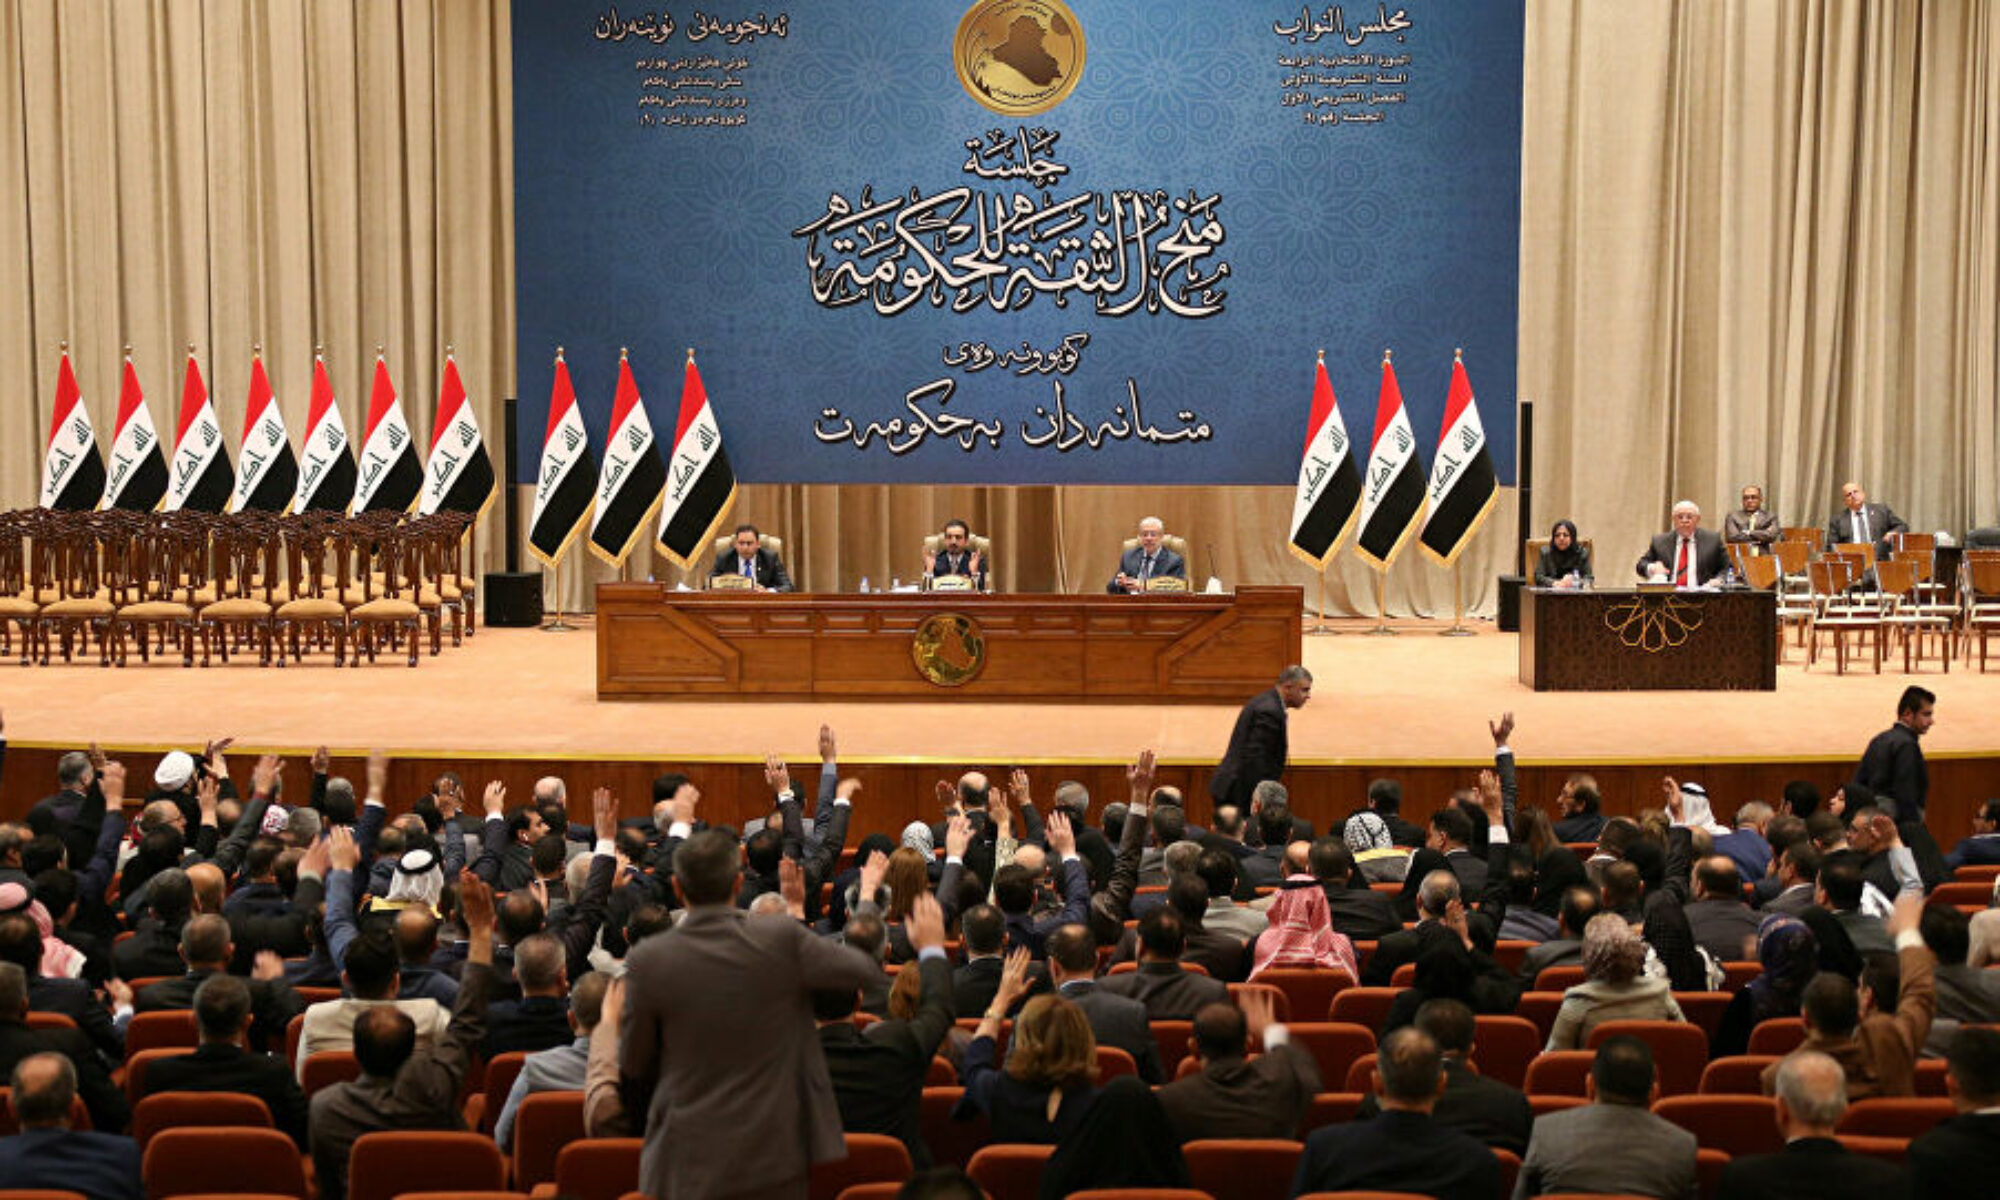 Bu gün Irak parlamentosu yılan hikayesine dönen 2021 yılı bütçesinin onaylanması için toplanıyor